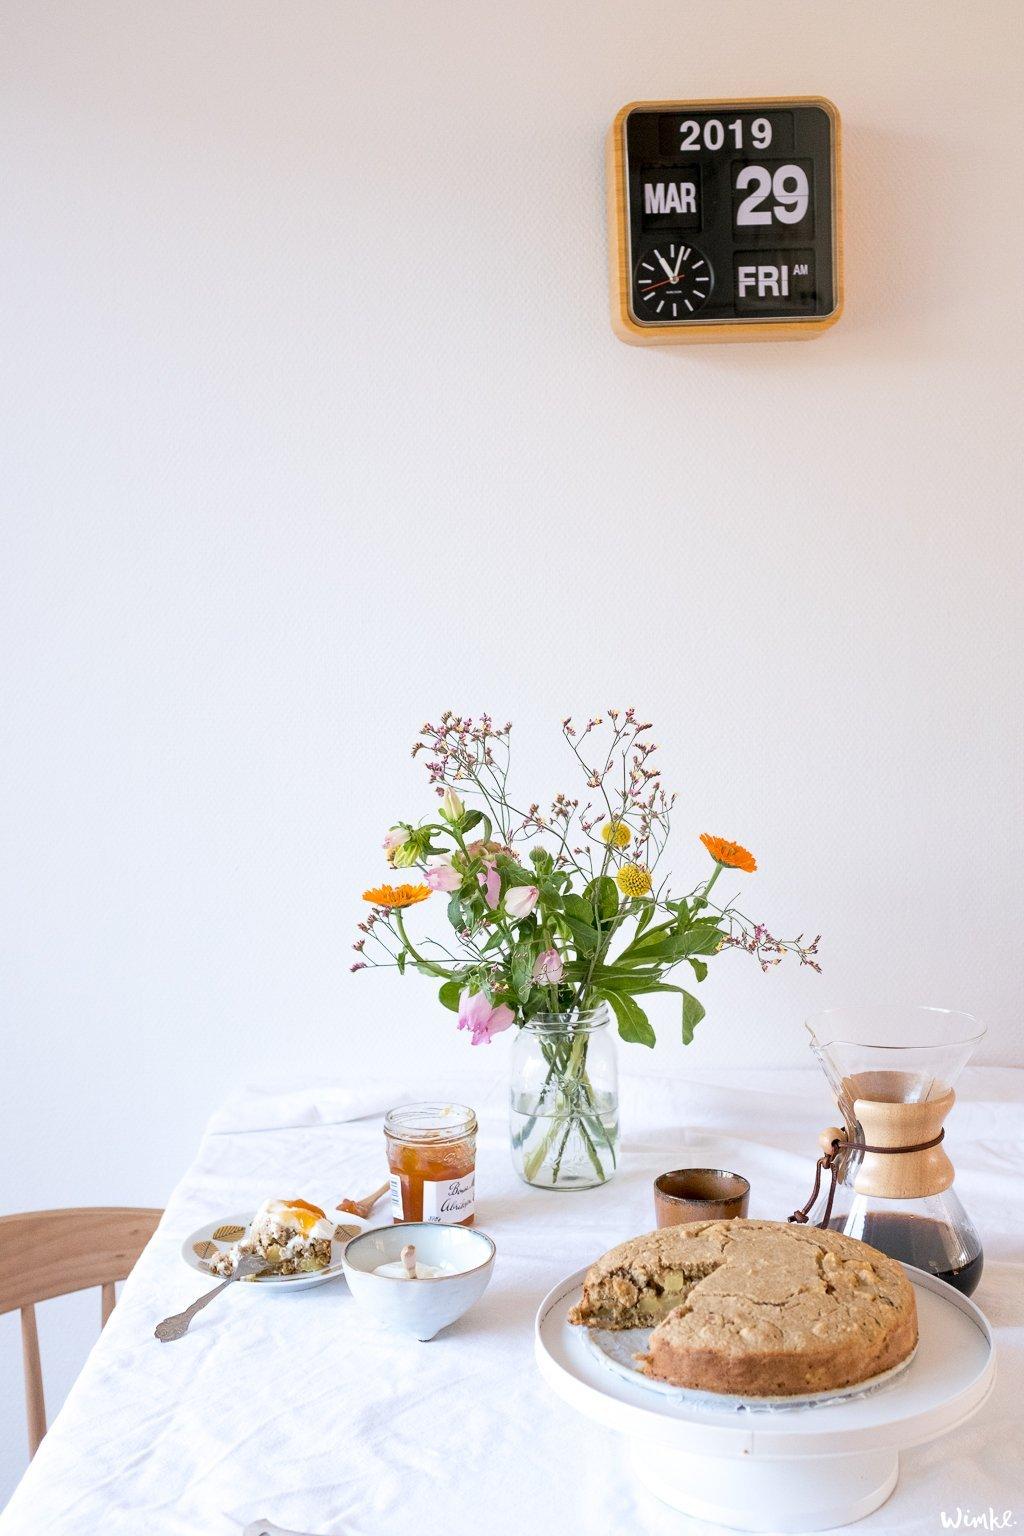 een heerlijke ontbijttaart met o.a. kwark en jam - www.wimke.nl